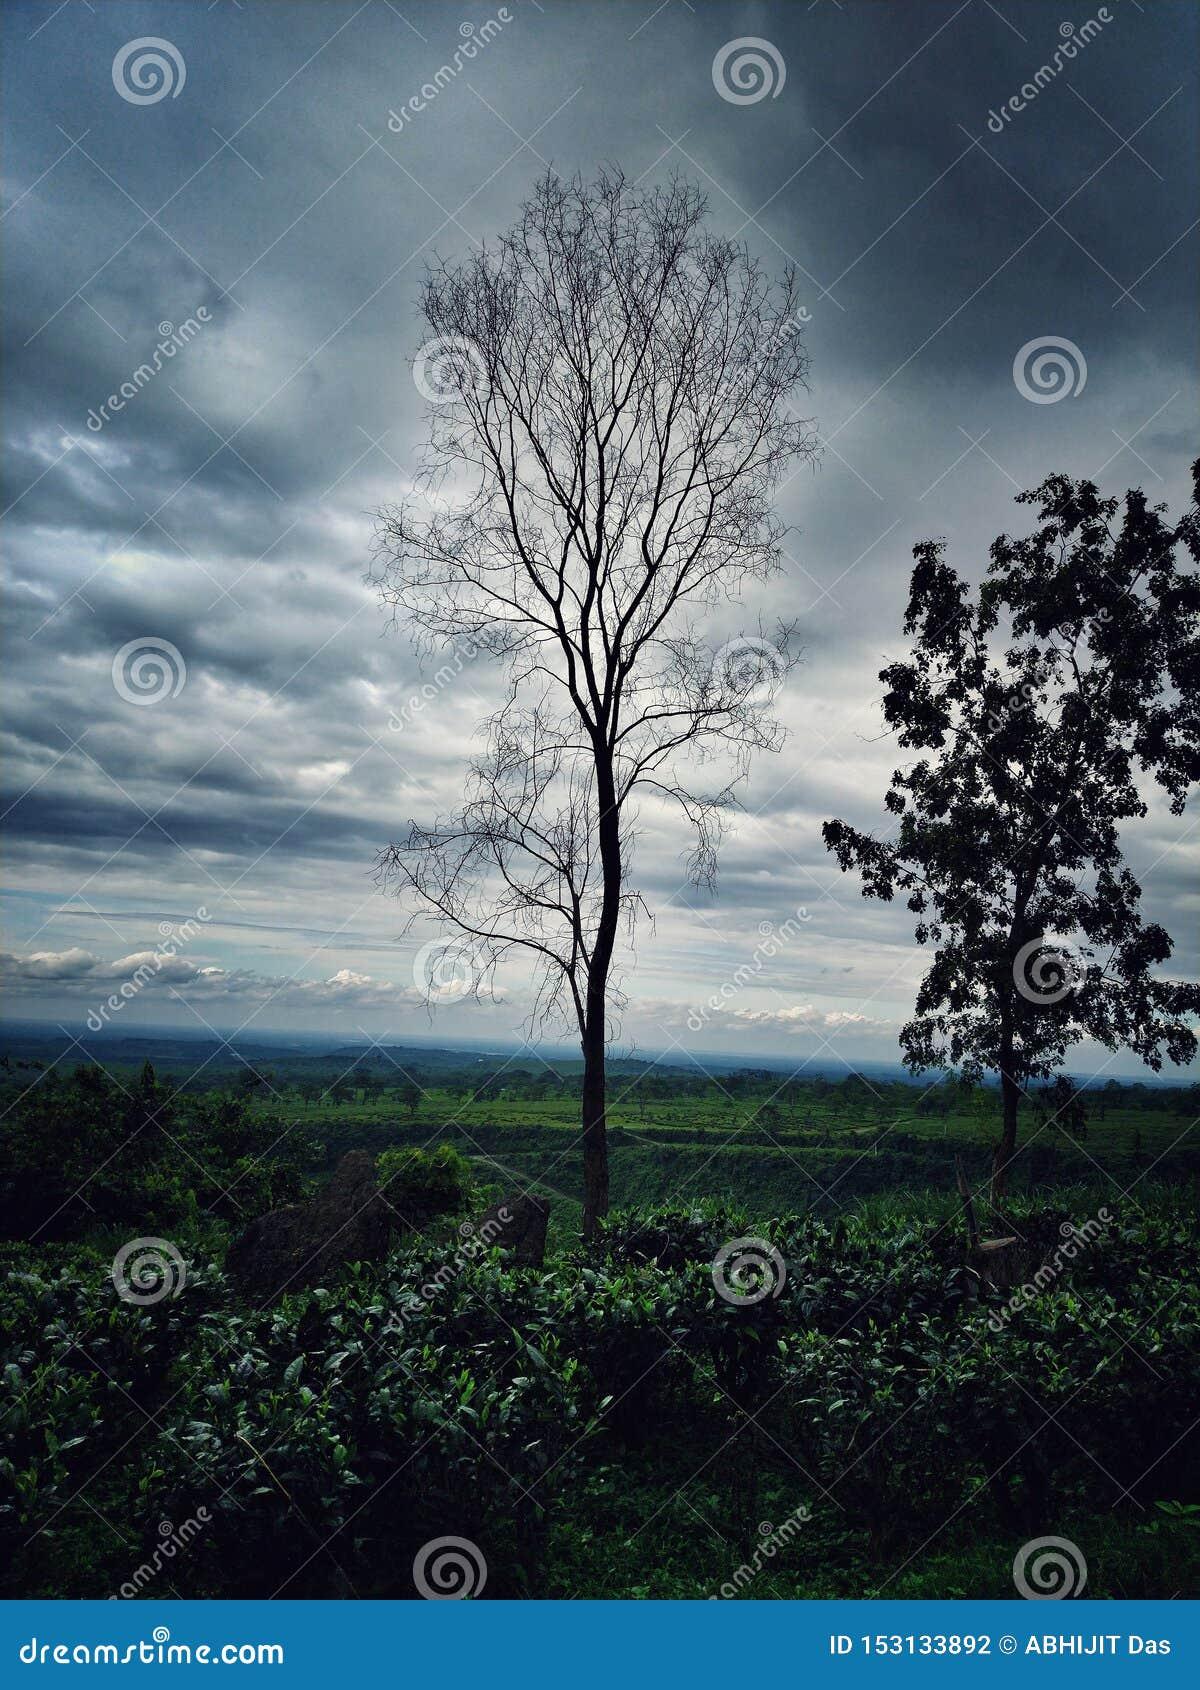 Eine tote Baumstellung hoch im enormen grünen Teppich